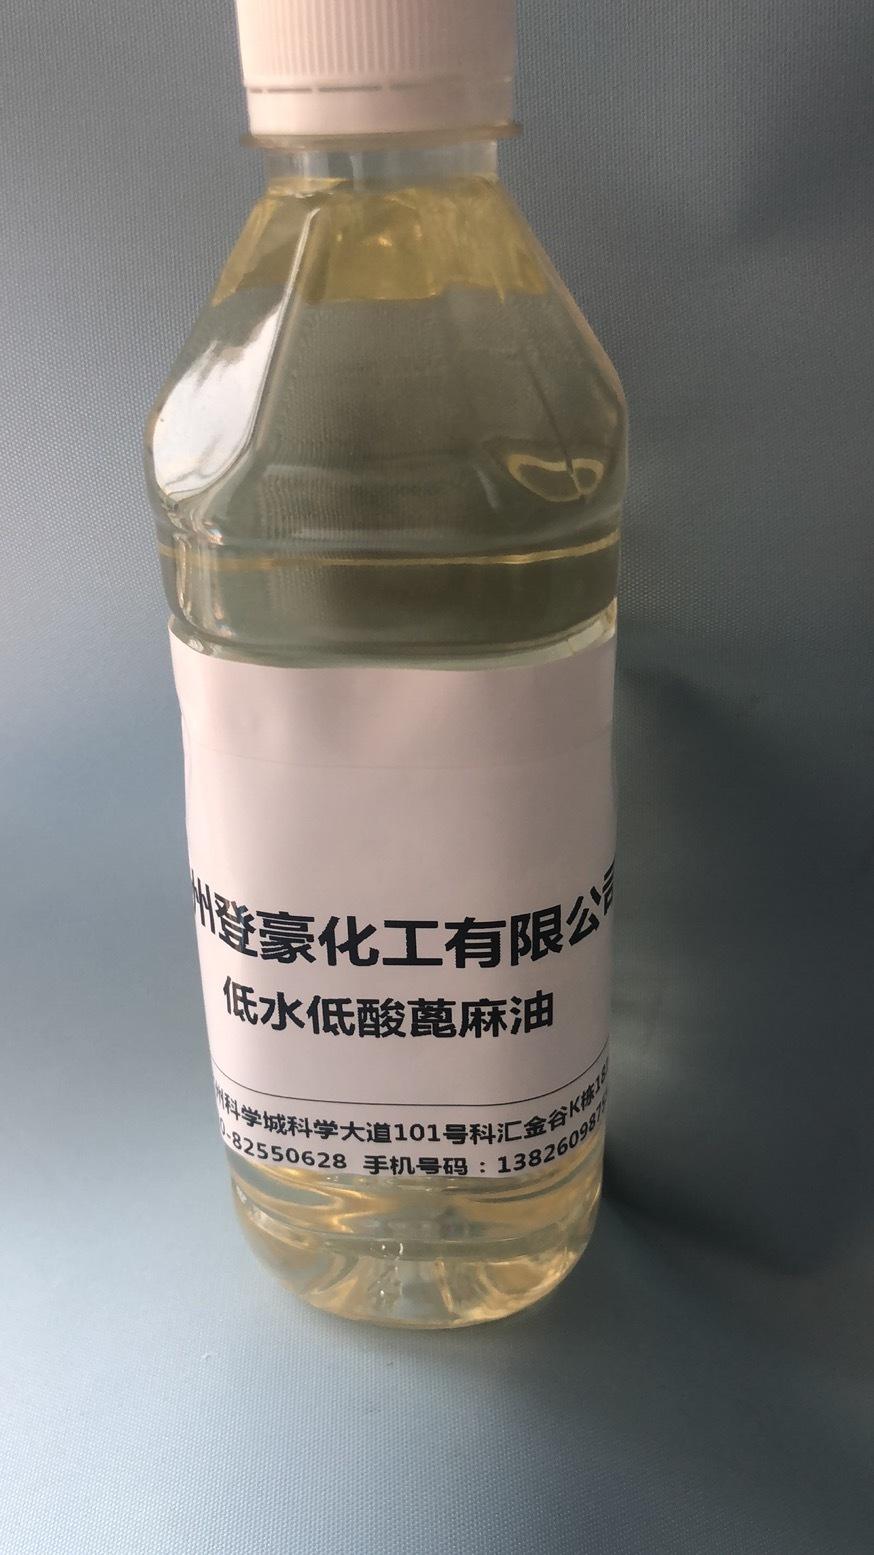 登豪油酸厂家的低水低酸蓖麻油产品